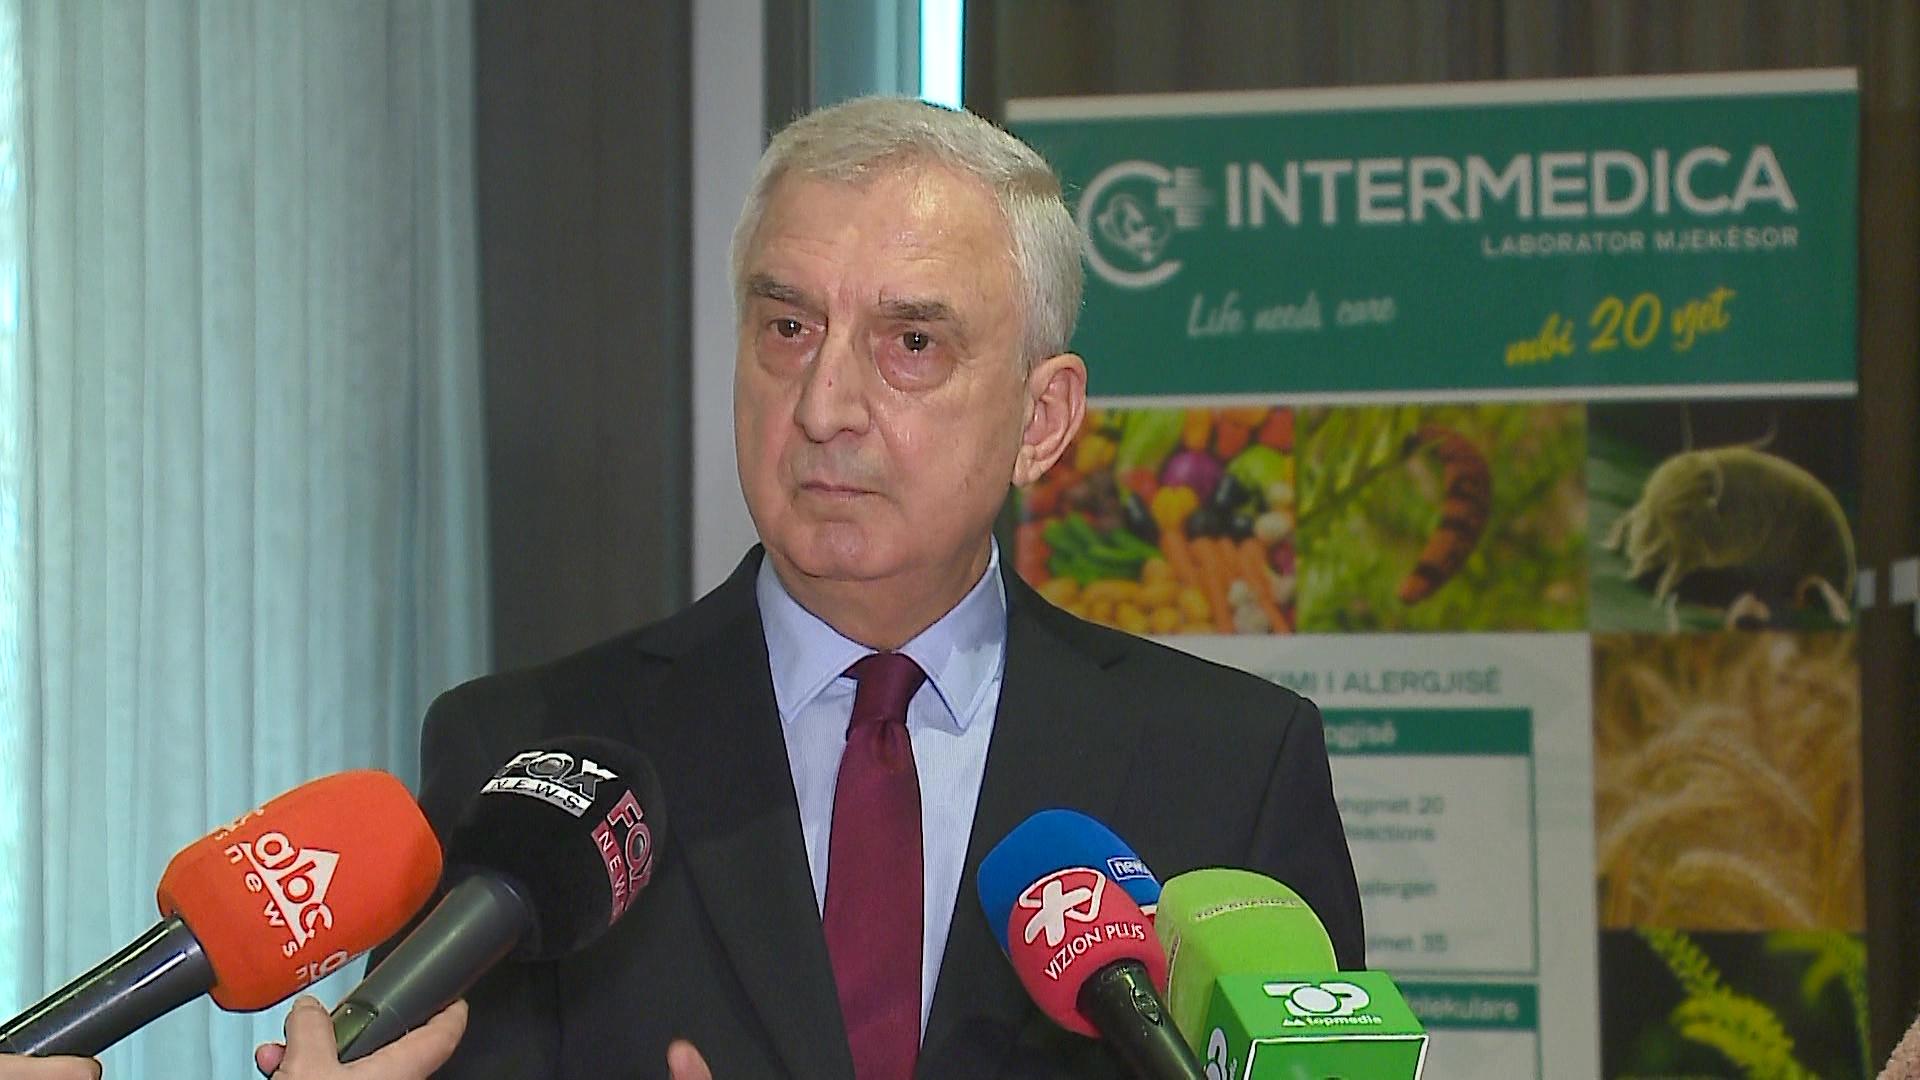 Alergjia molekulare vjen për herë të parë në Shqipëri